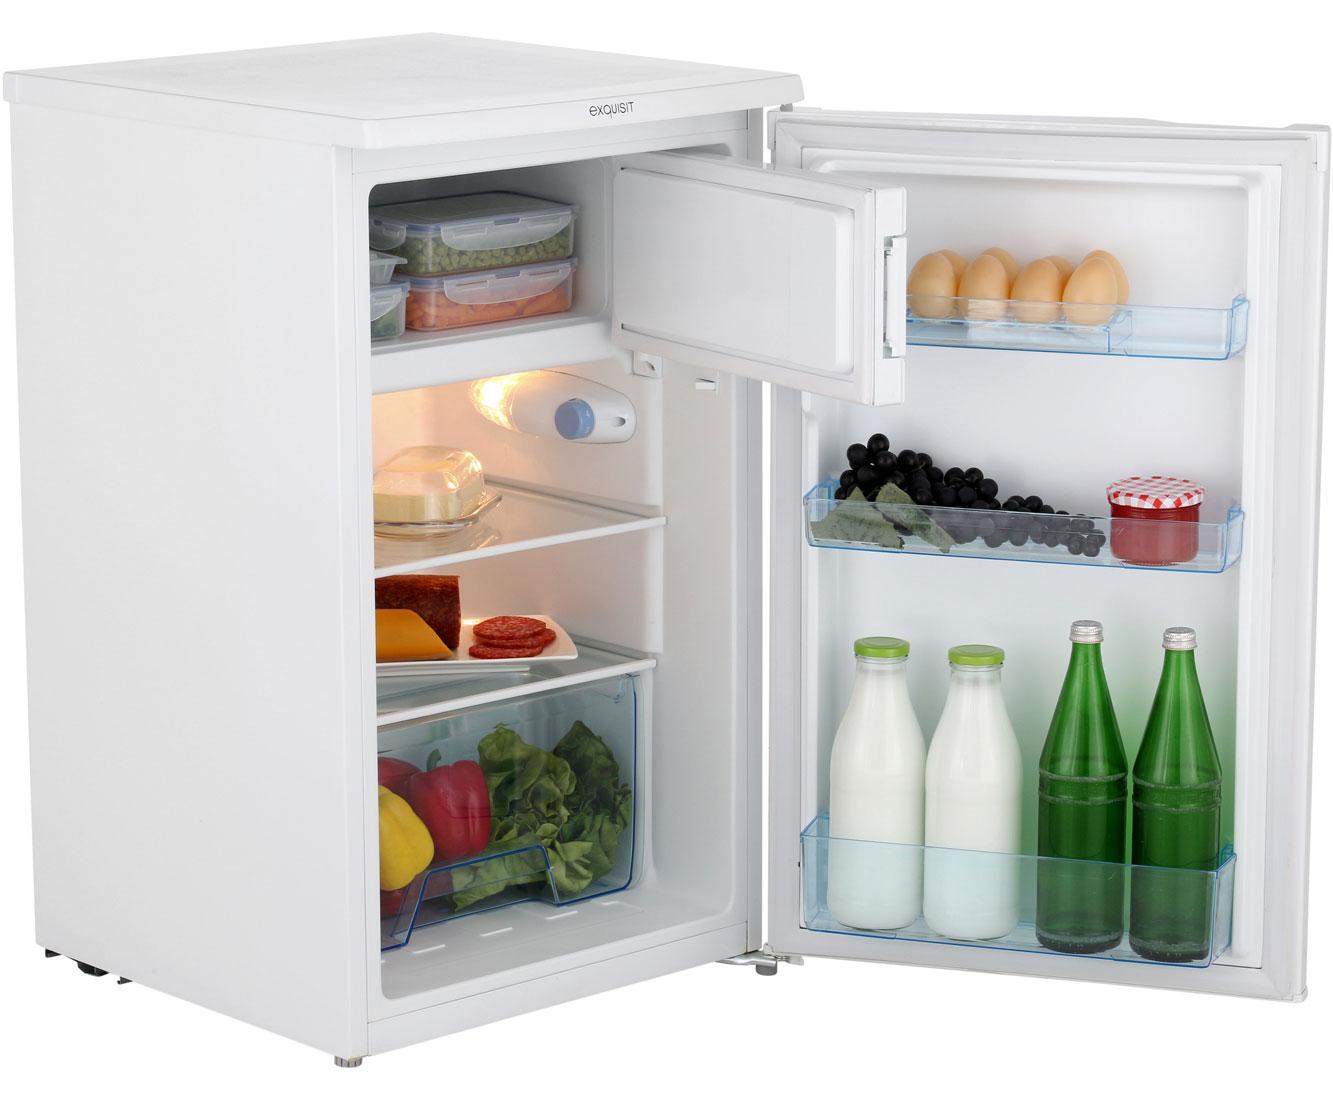 Kleiner Kühlschrank Ohne Gefrierfach : Einbaukühlschrank mit gefrierfach günstig kleiner kühlschrank ohne